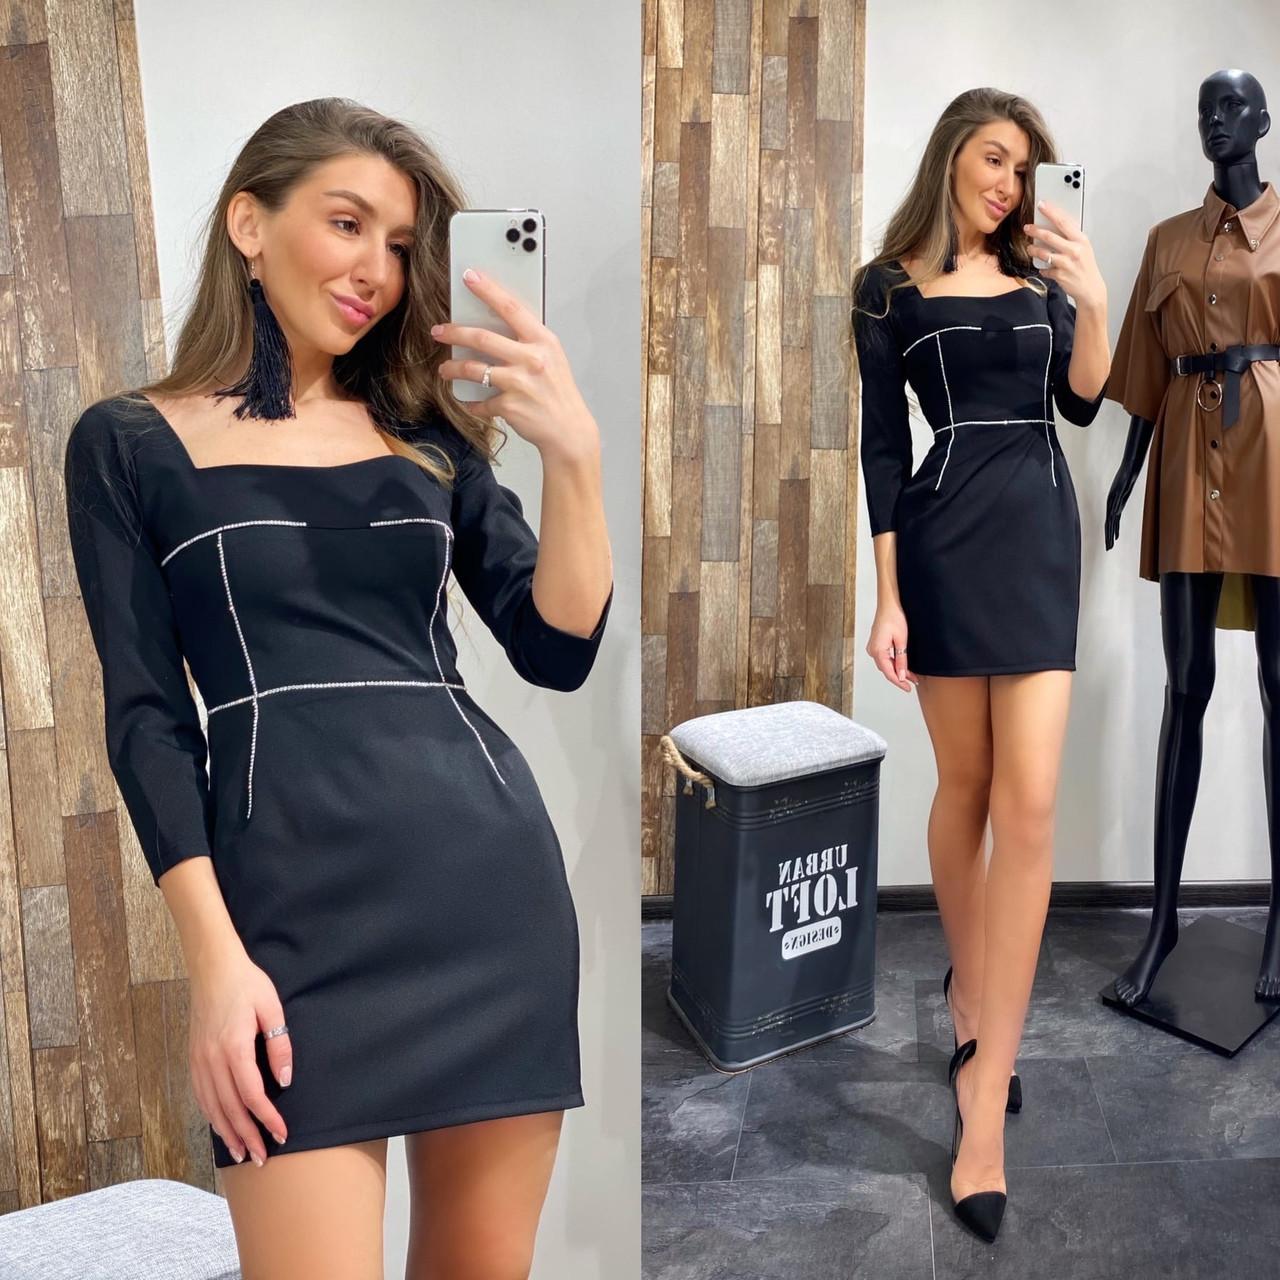 Идеальное платье со стразами, ткань: костюмка Мадонна. Размер: S-M. Цвет: черный  (9012)